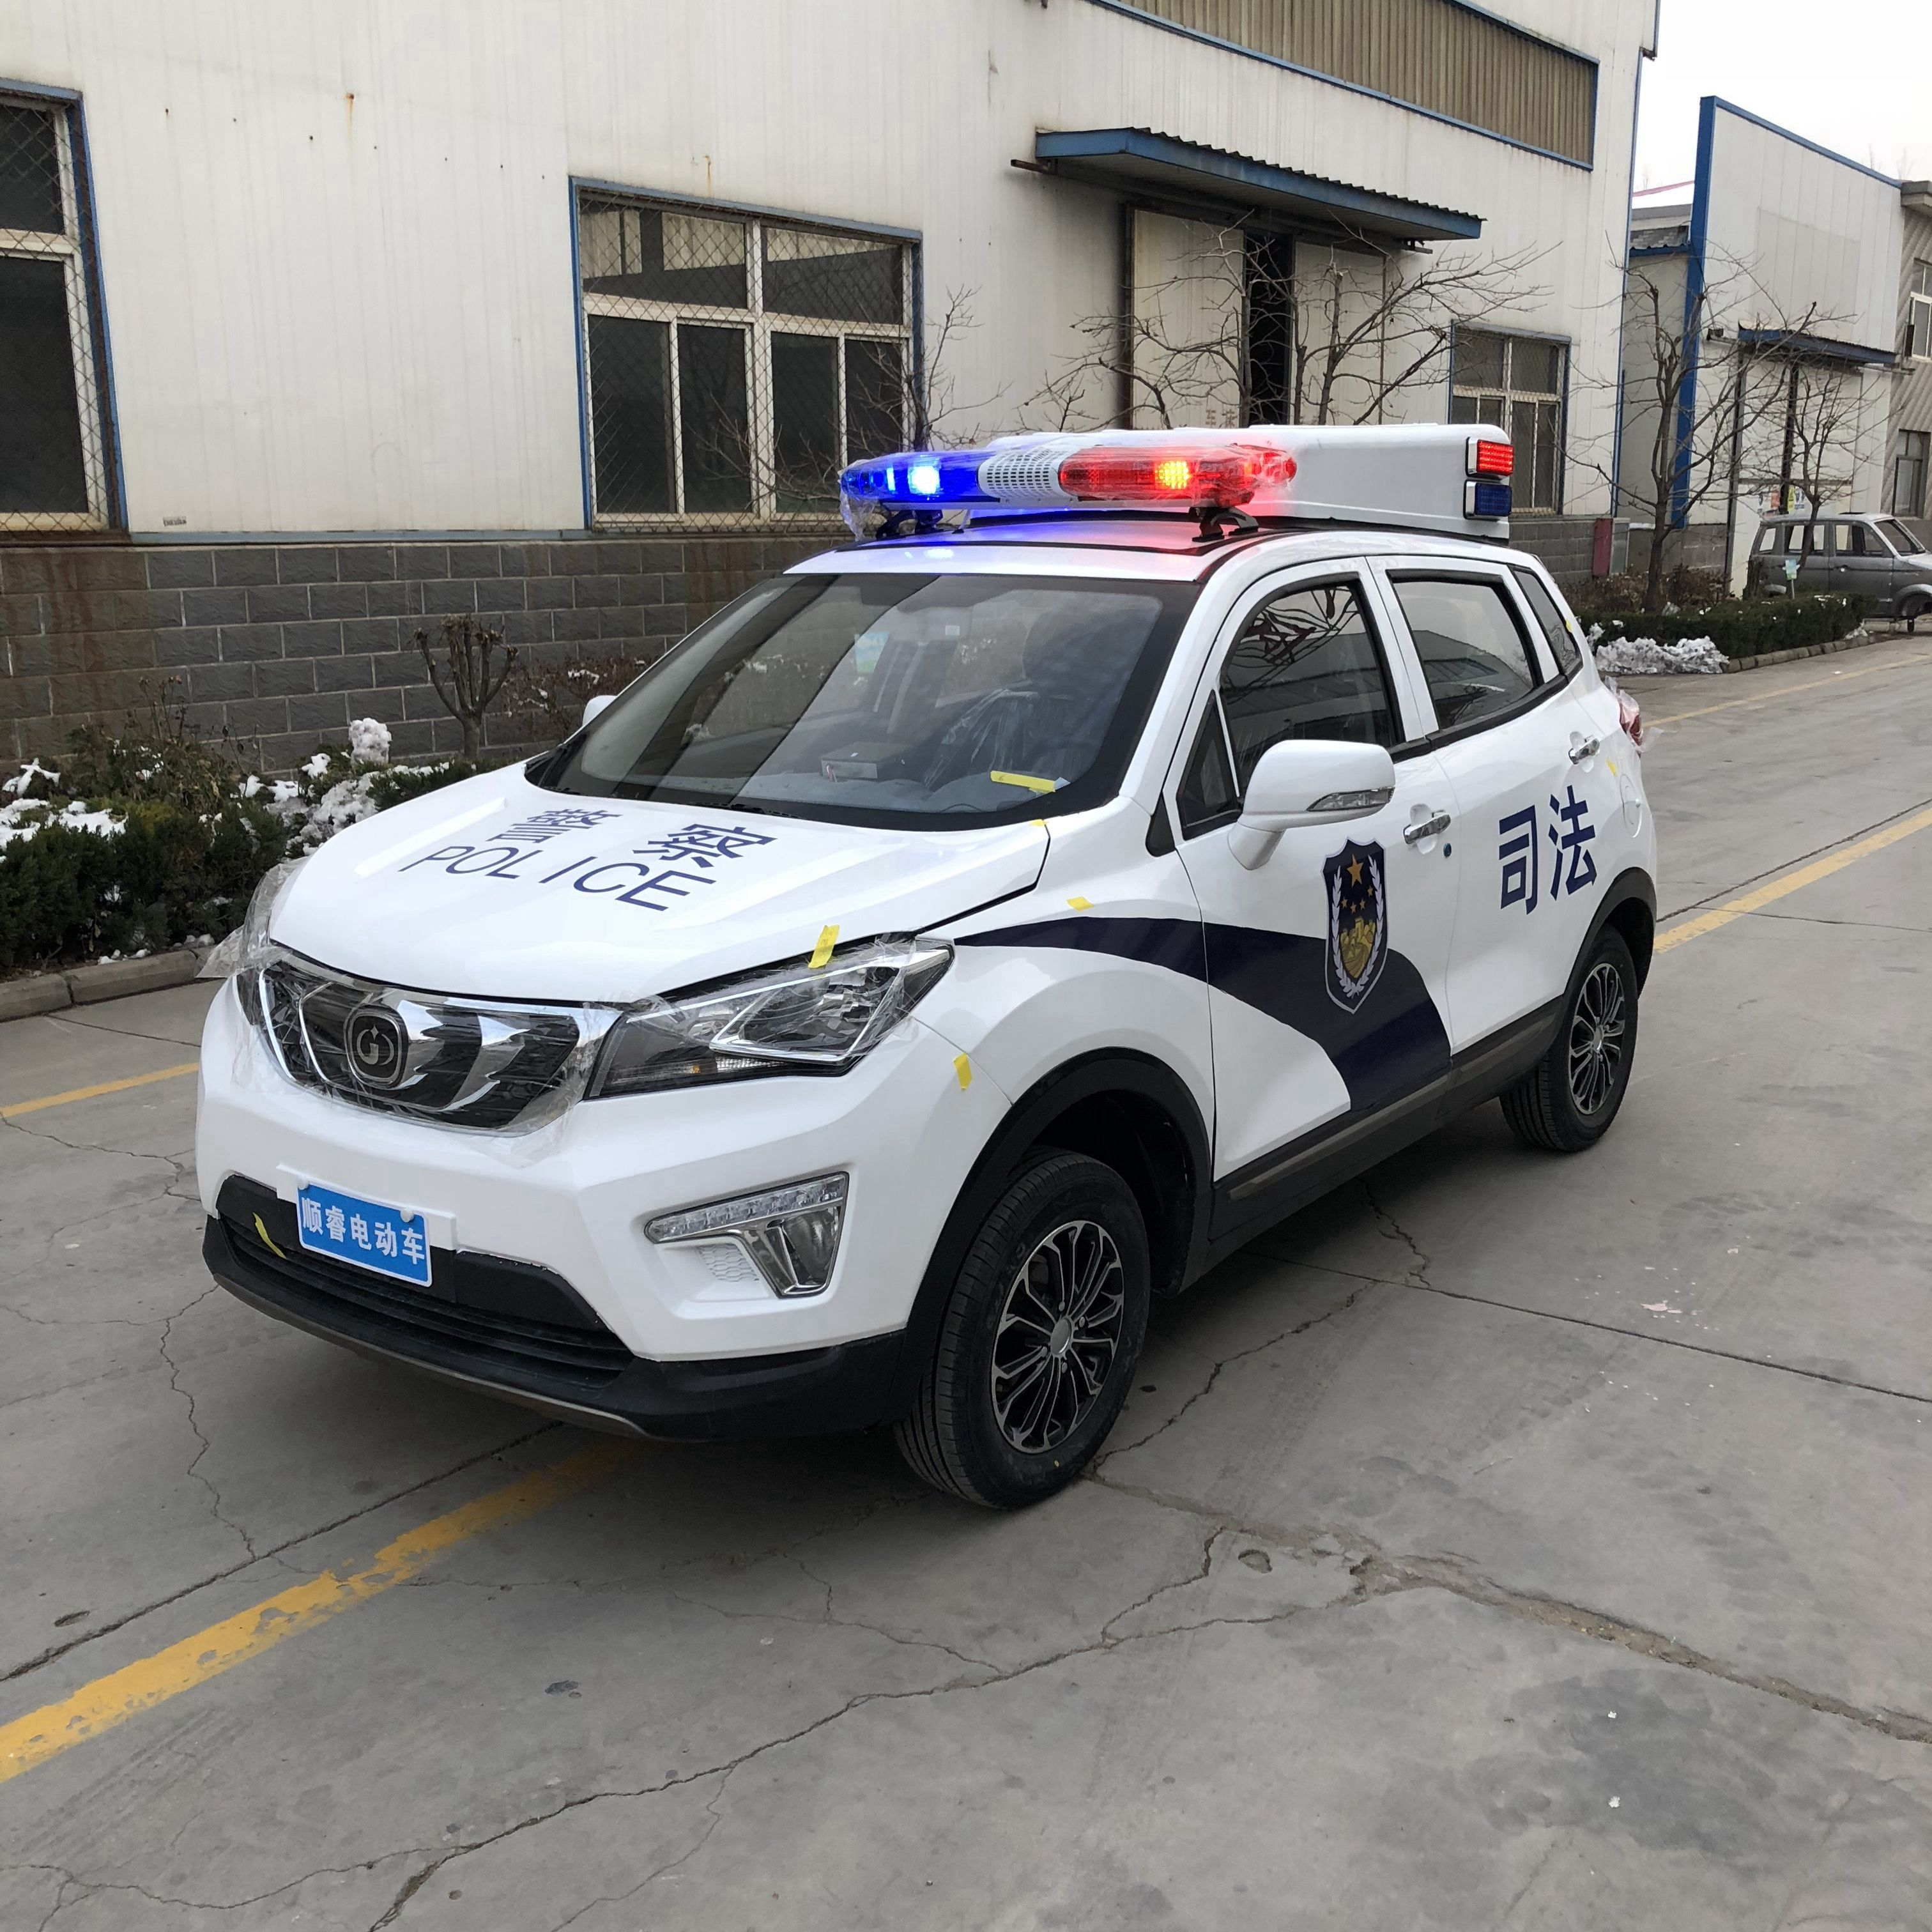 合肥景区物业工厂电瓶巡逻车